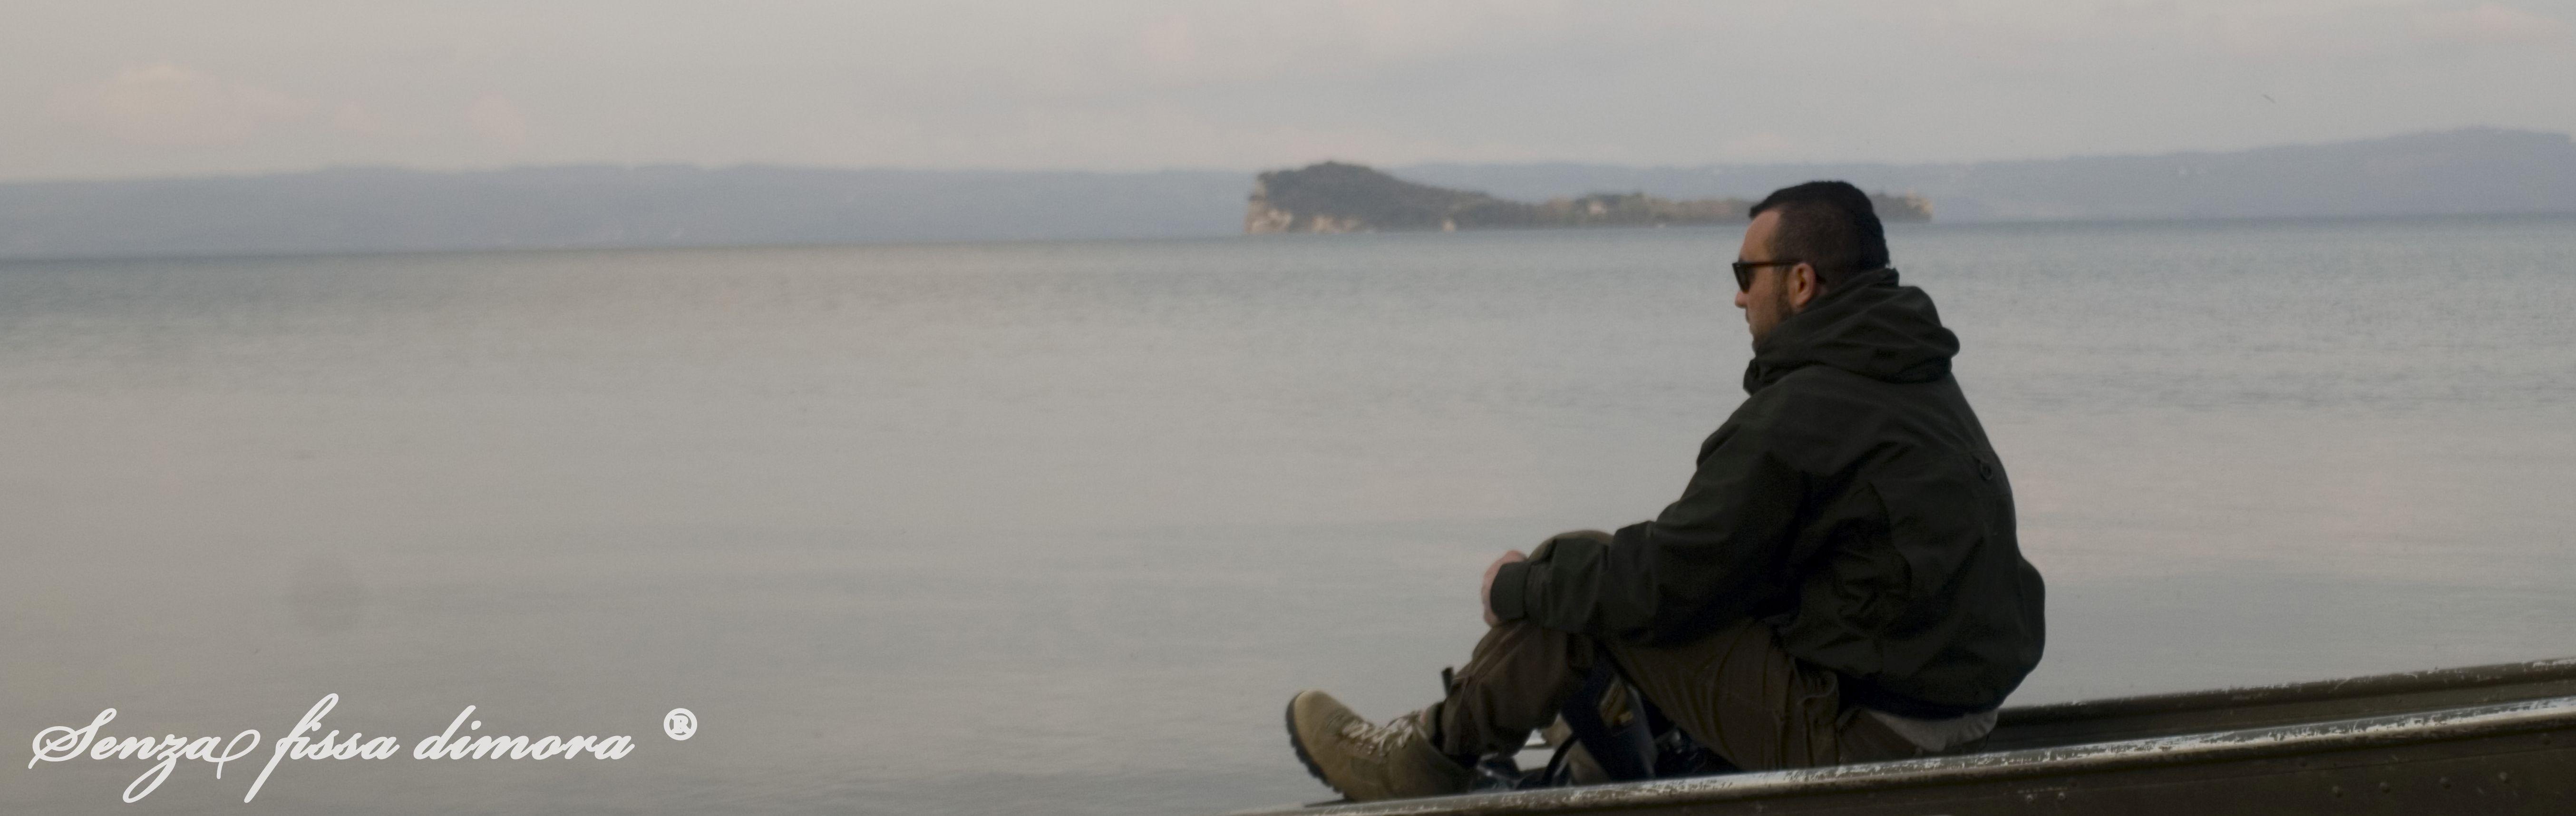 articolo il blog della pesca